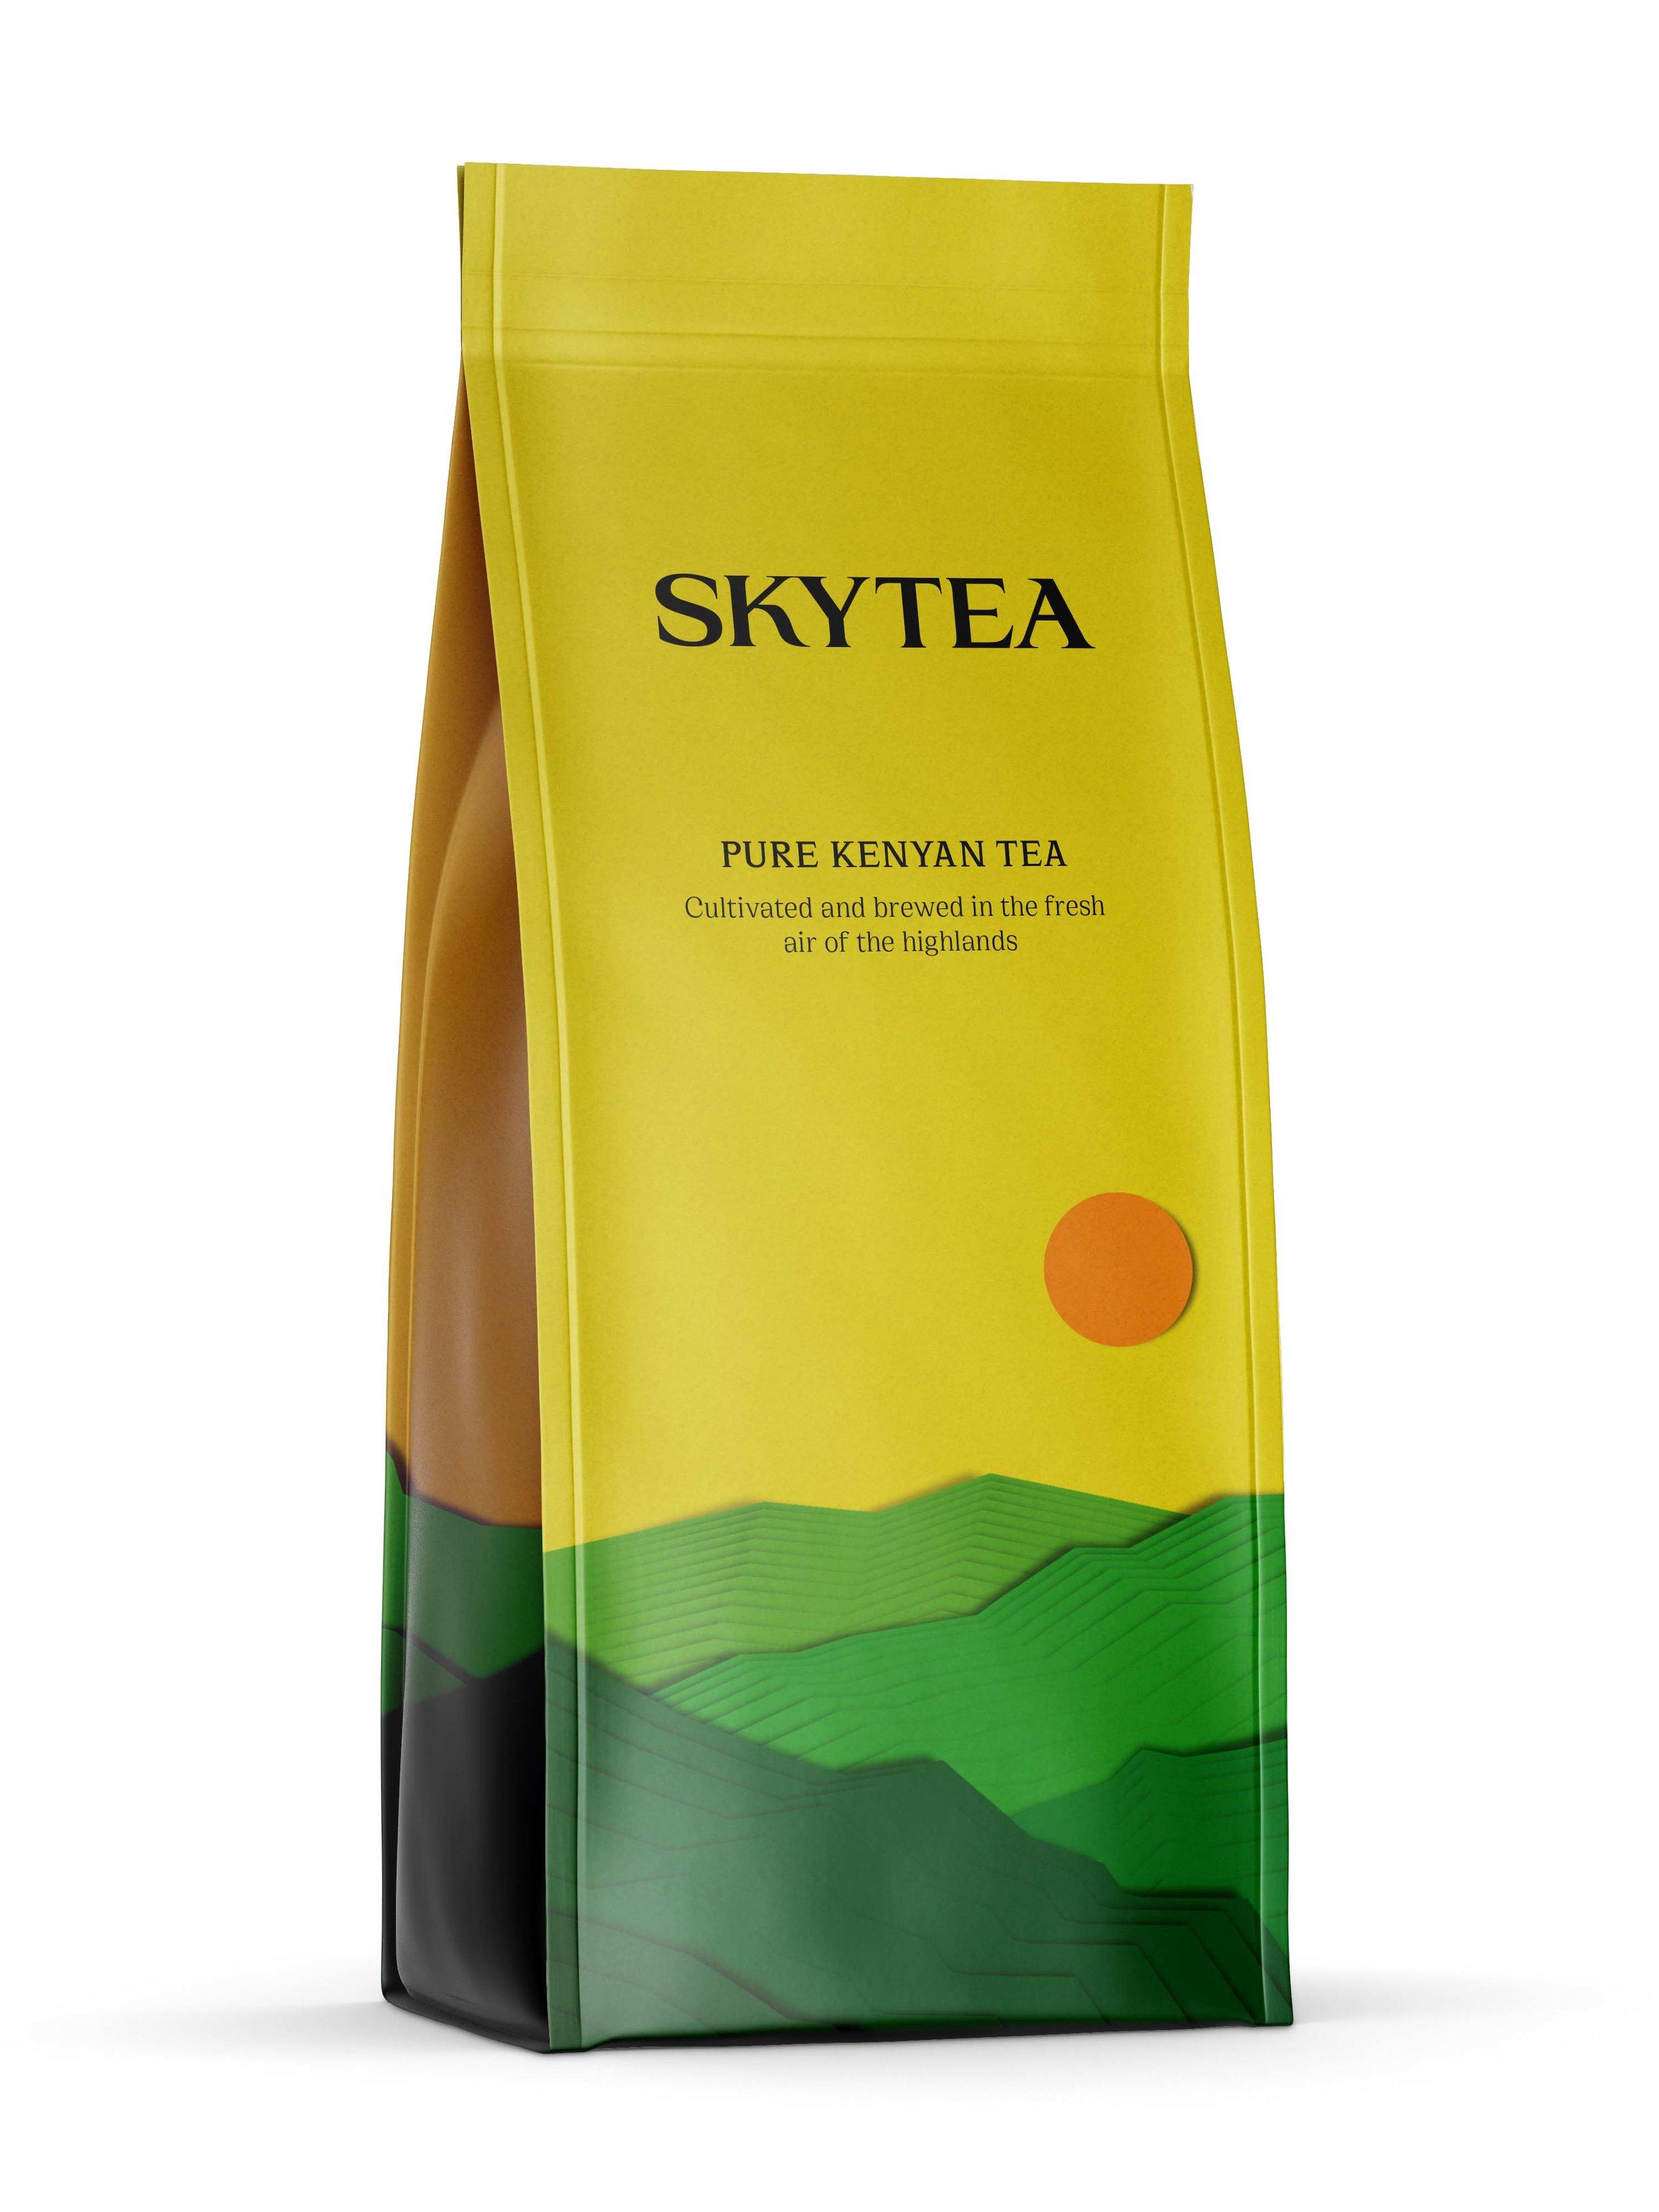 190305_SkyTea_packaging.jpg